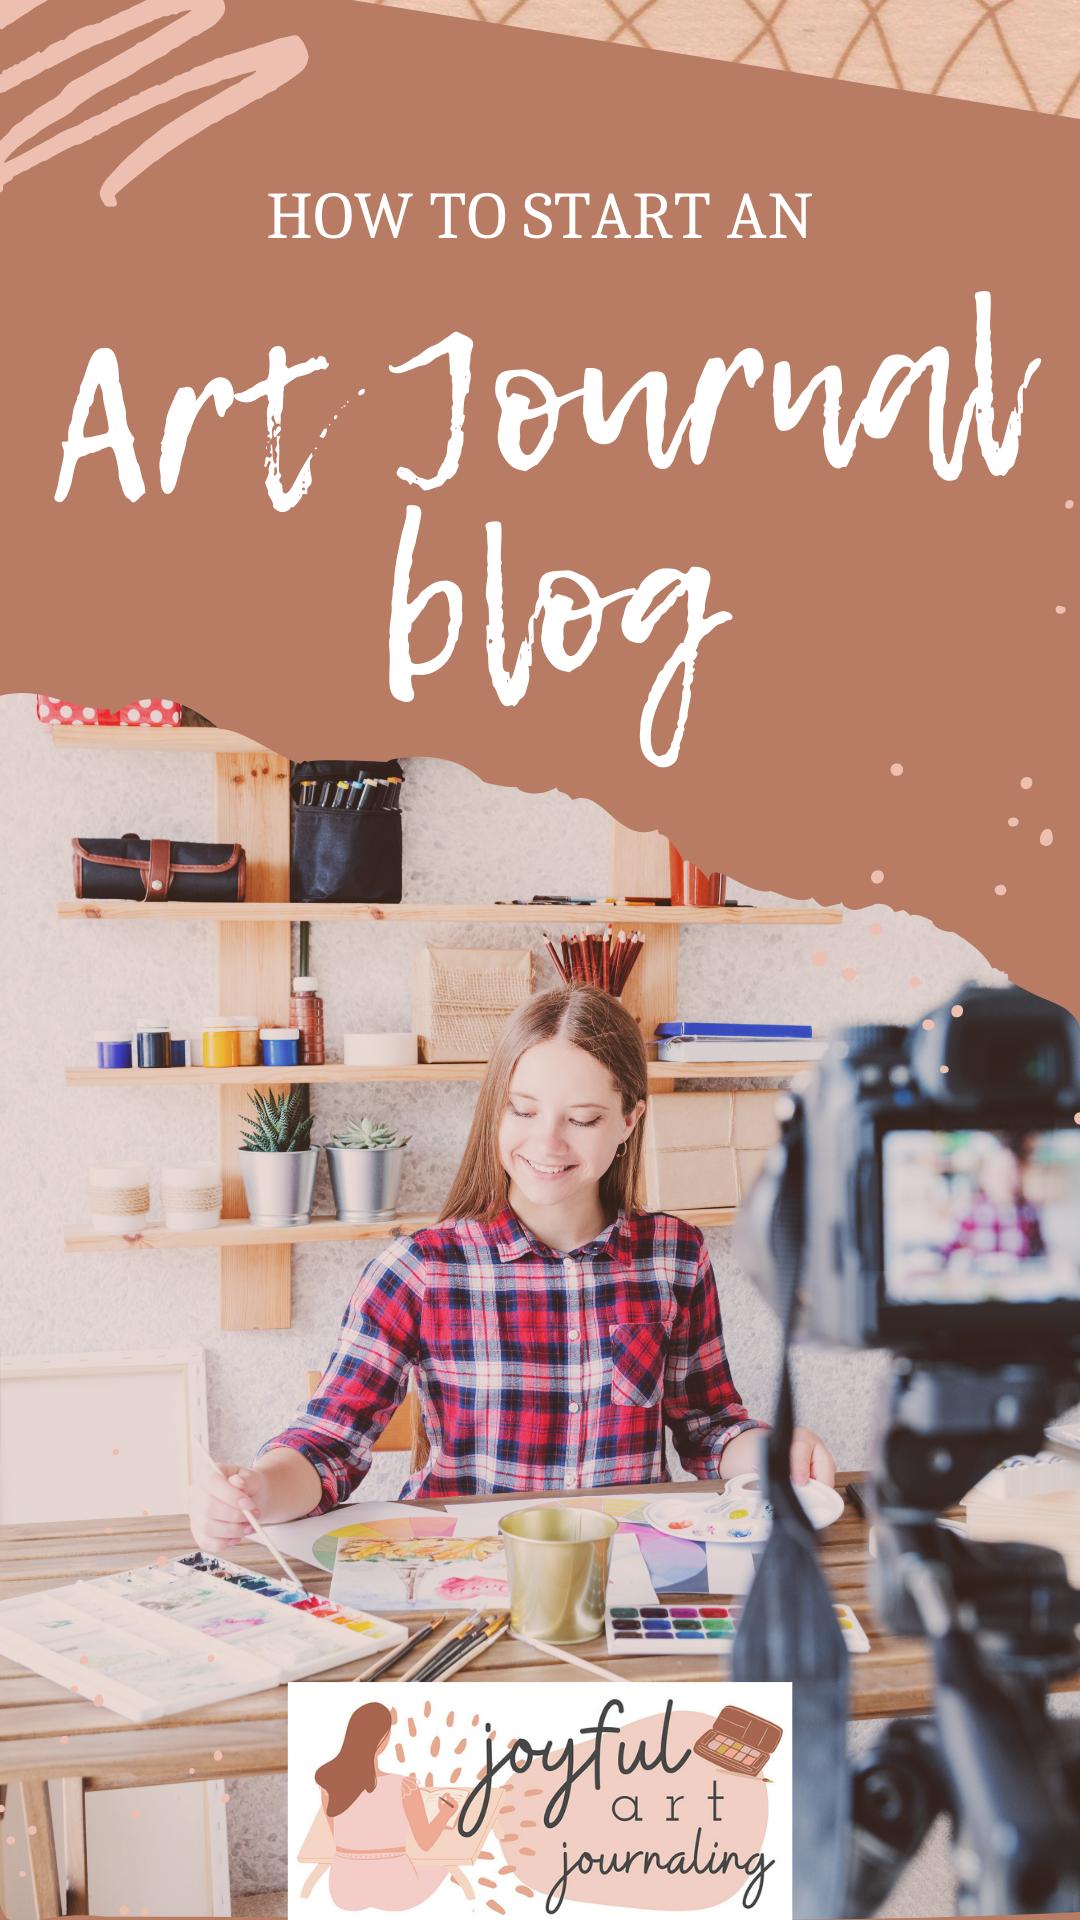 Learn how to start an art journal blog